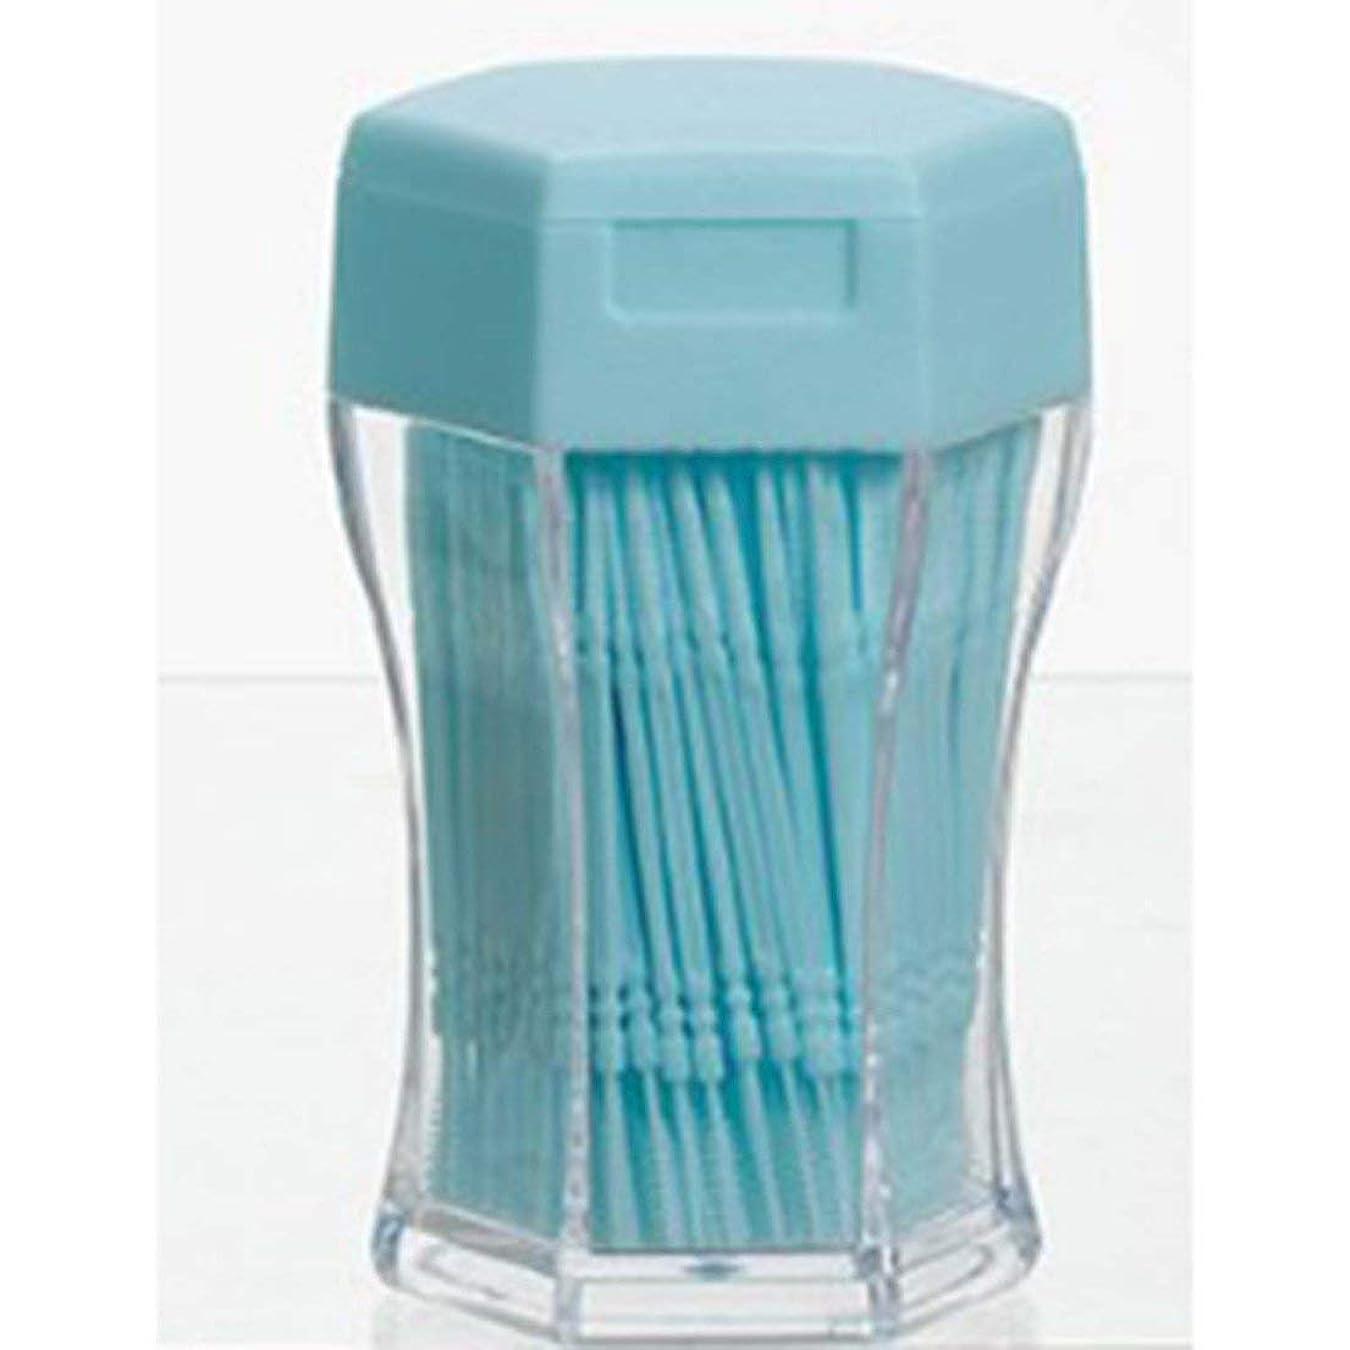 通り硫黄不均一200ピース/セットダブルヘッド歯フロス衛生デンタルフロスプラスチック歯間つまようじ健康用歯のクリーニングオーラルケア - ブルー